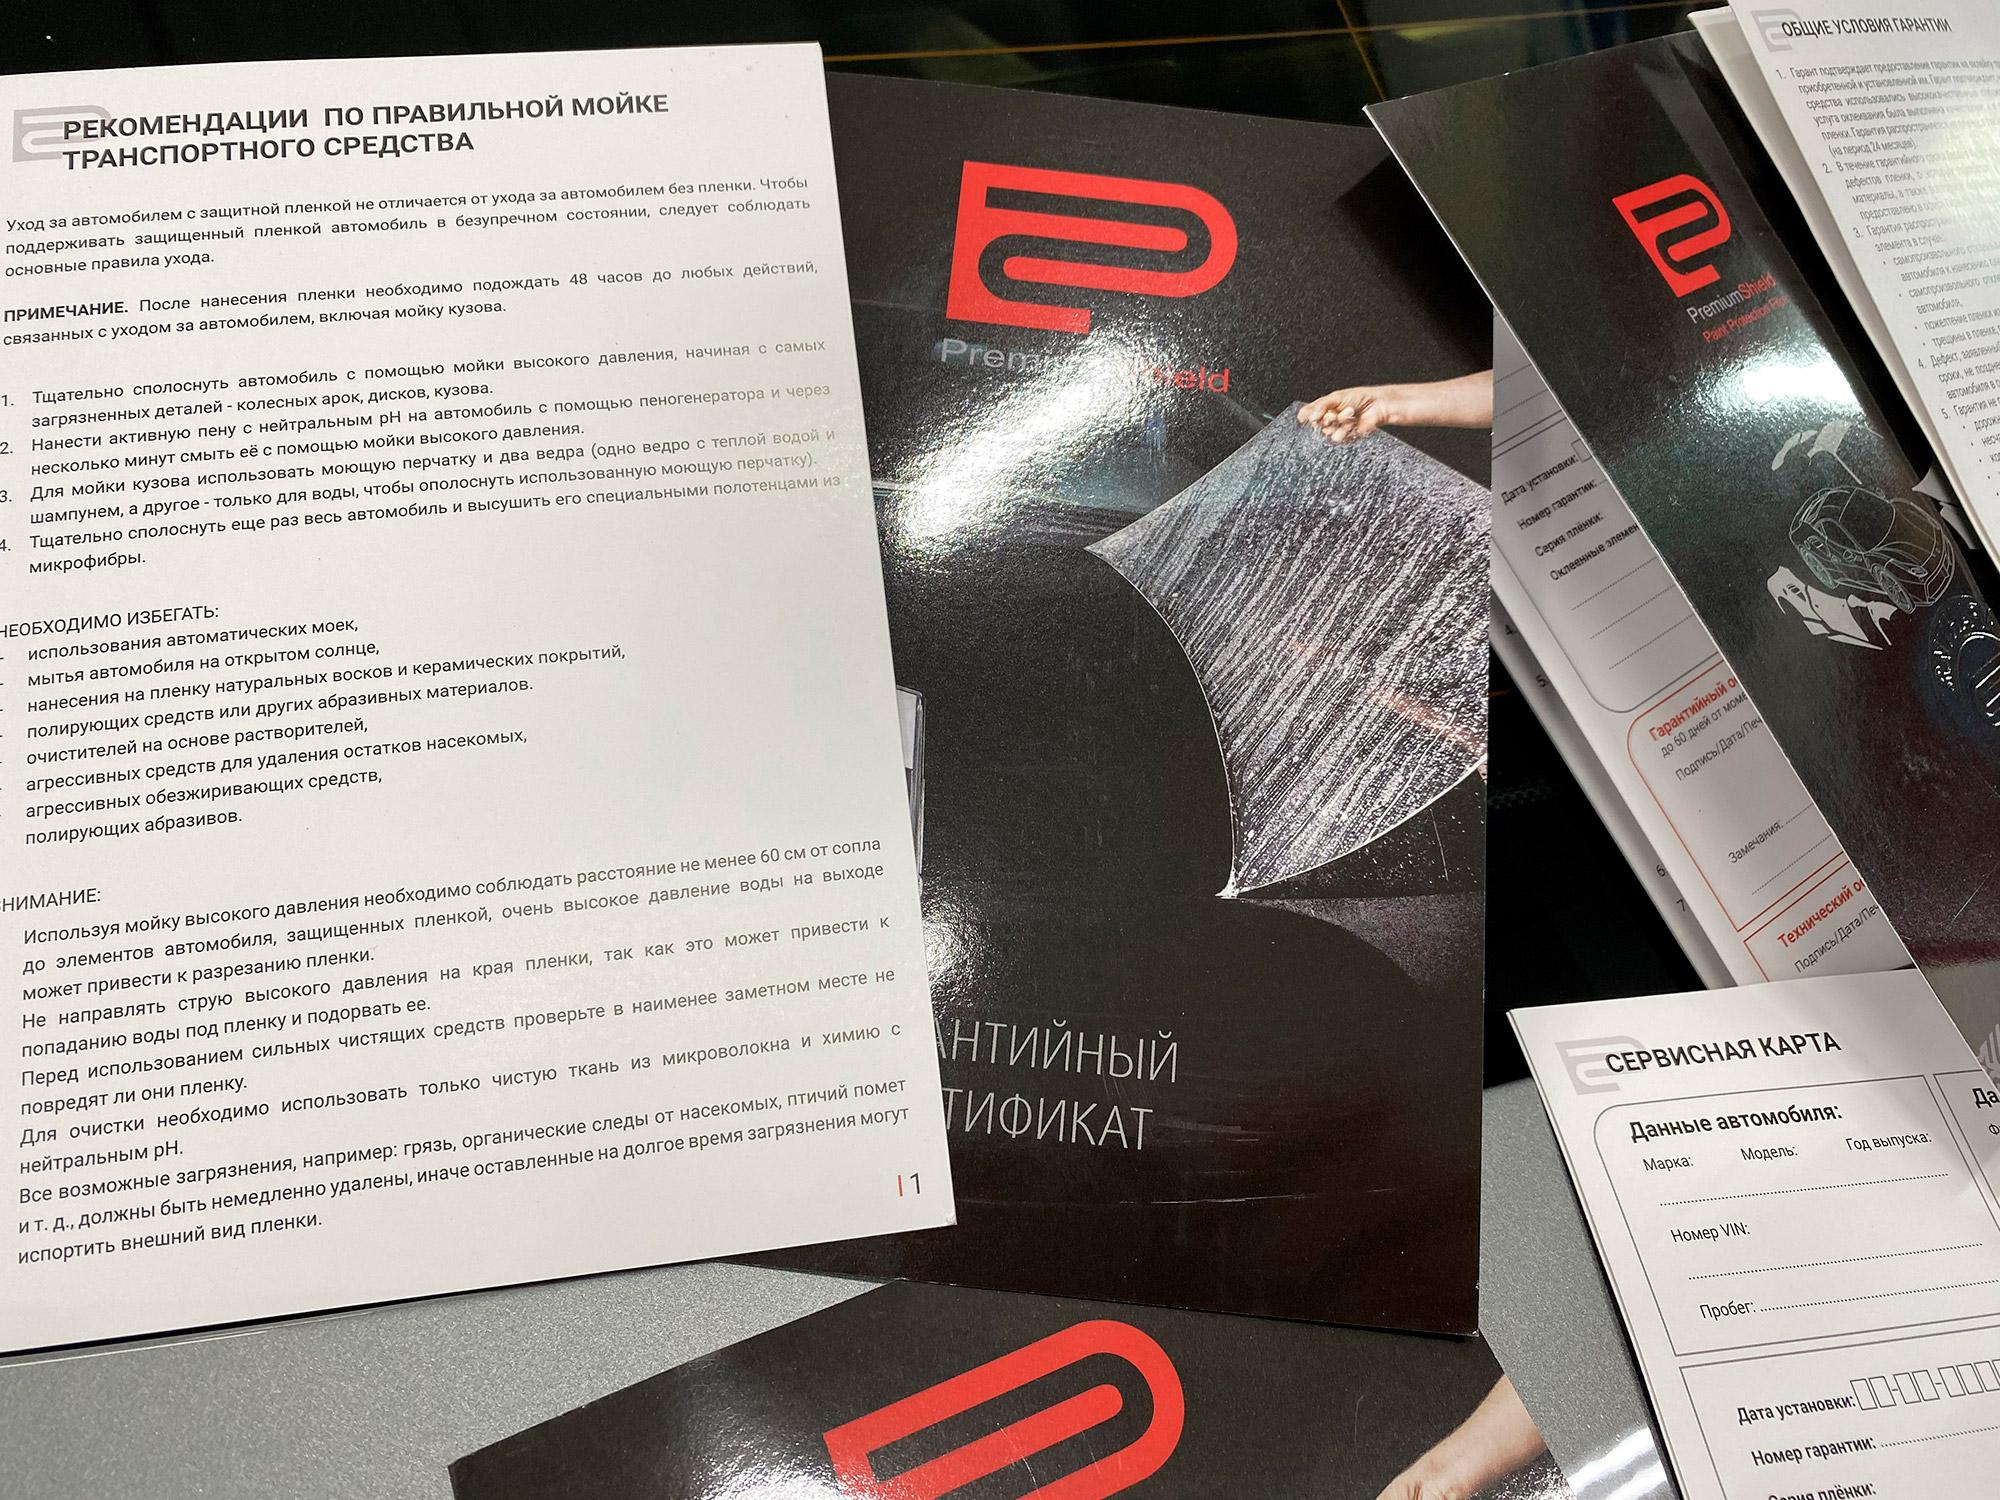 Смотреть на фото гарантийный талон PremiumShield – антигравийной полиуретановой пленки.